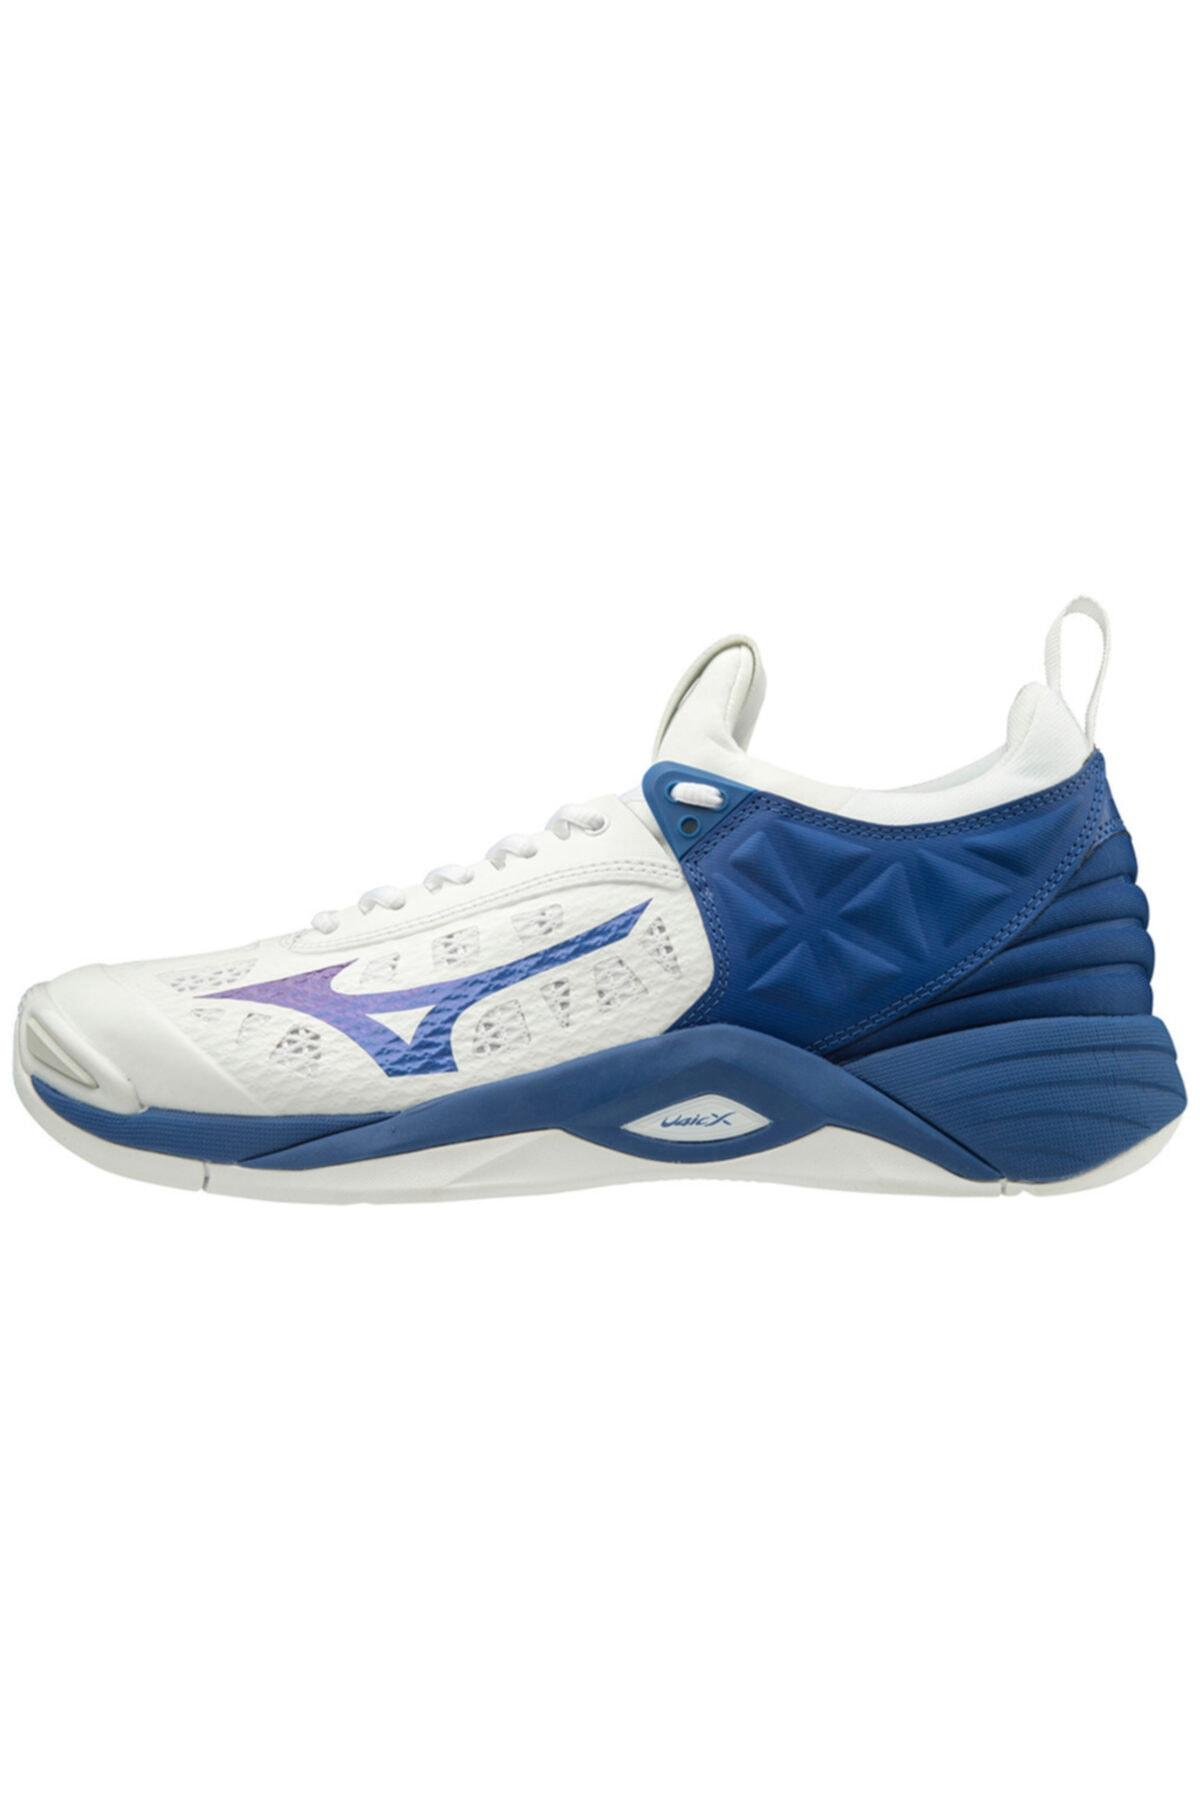 MIZUNO Wave Momentum Voleybol Ayakkabısı Beyaz/mavi 1